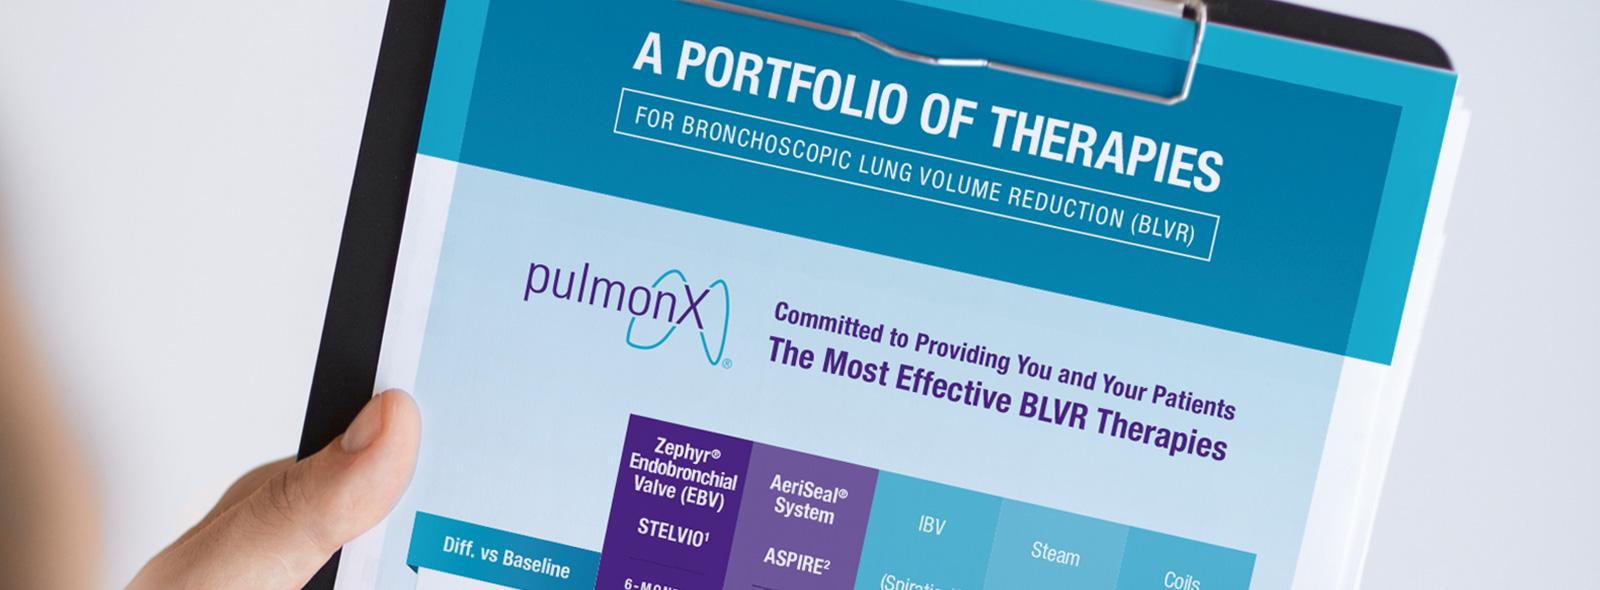 Pulmonx Flyer on Clipboard